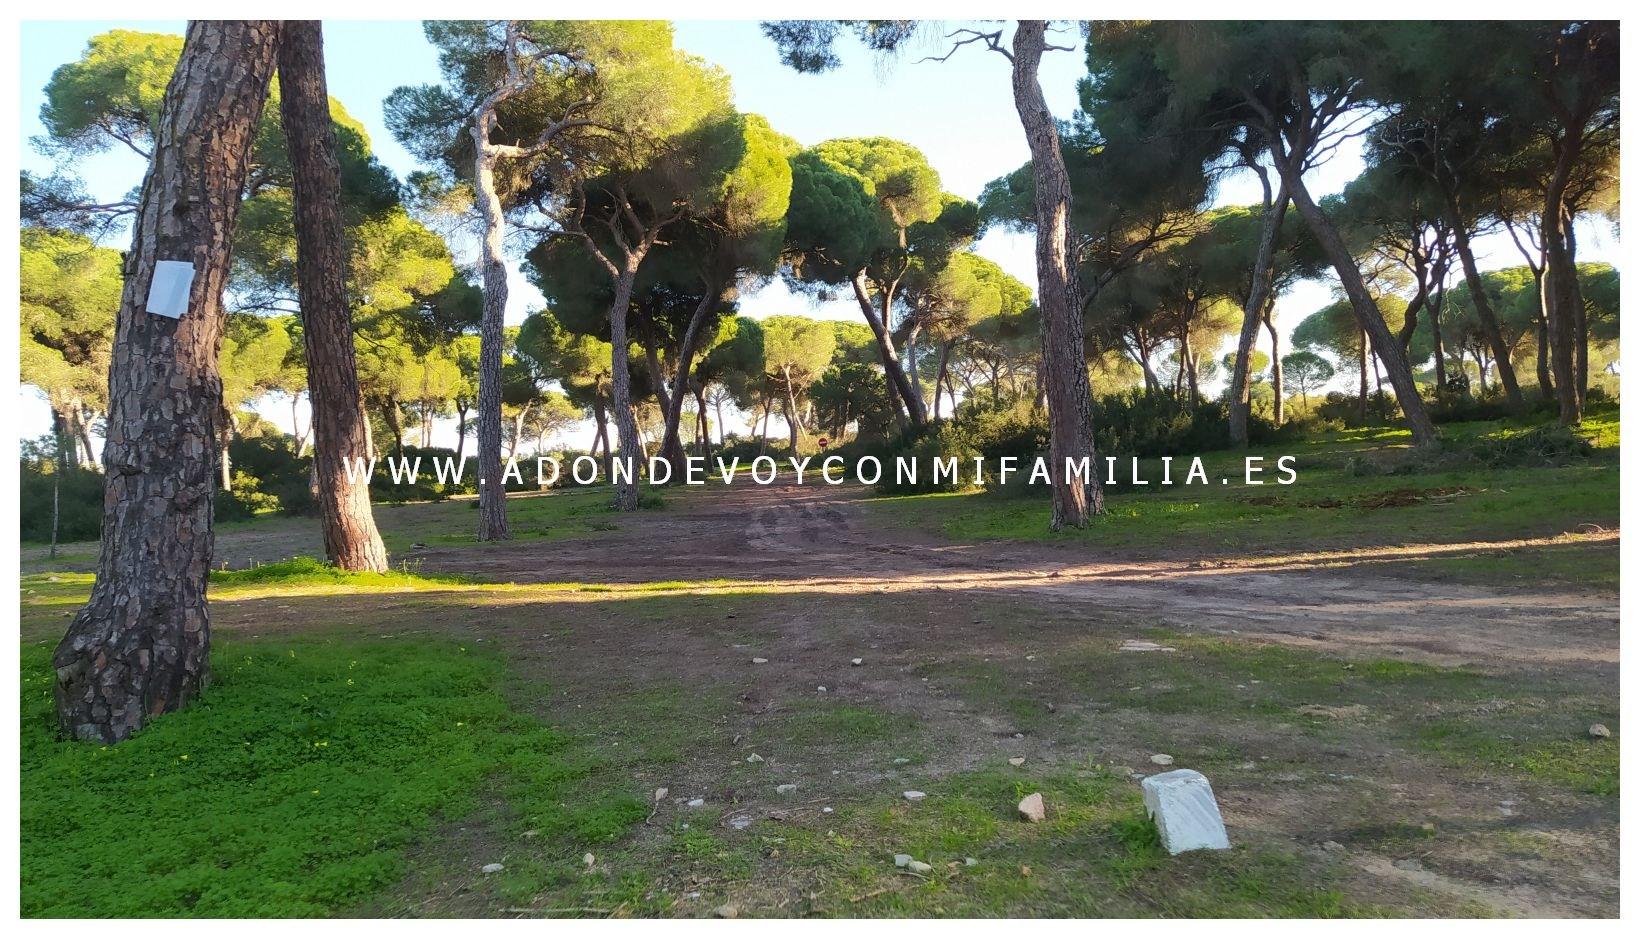 area-recreativa-la-ermita-adondevoyconmifamilia-21